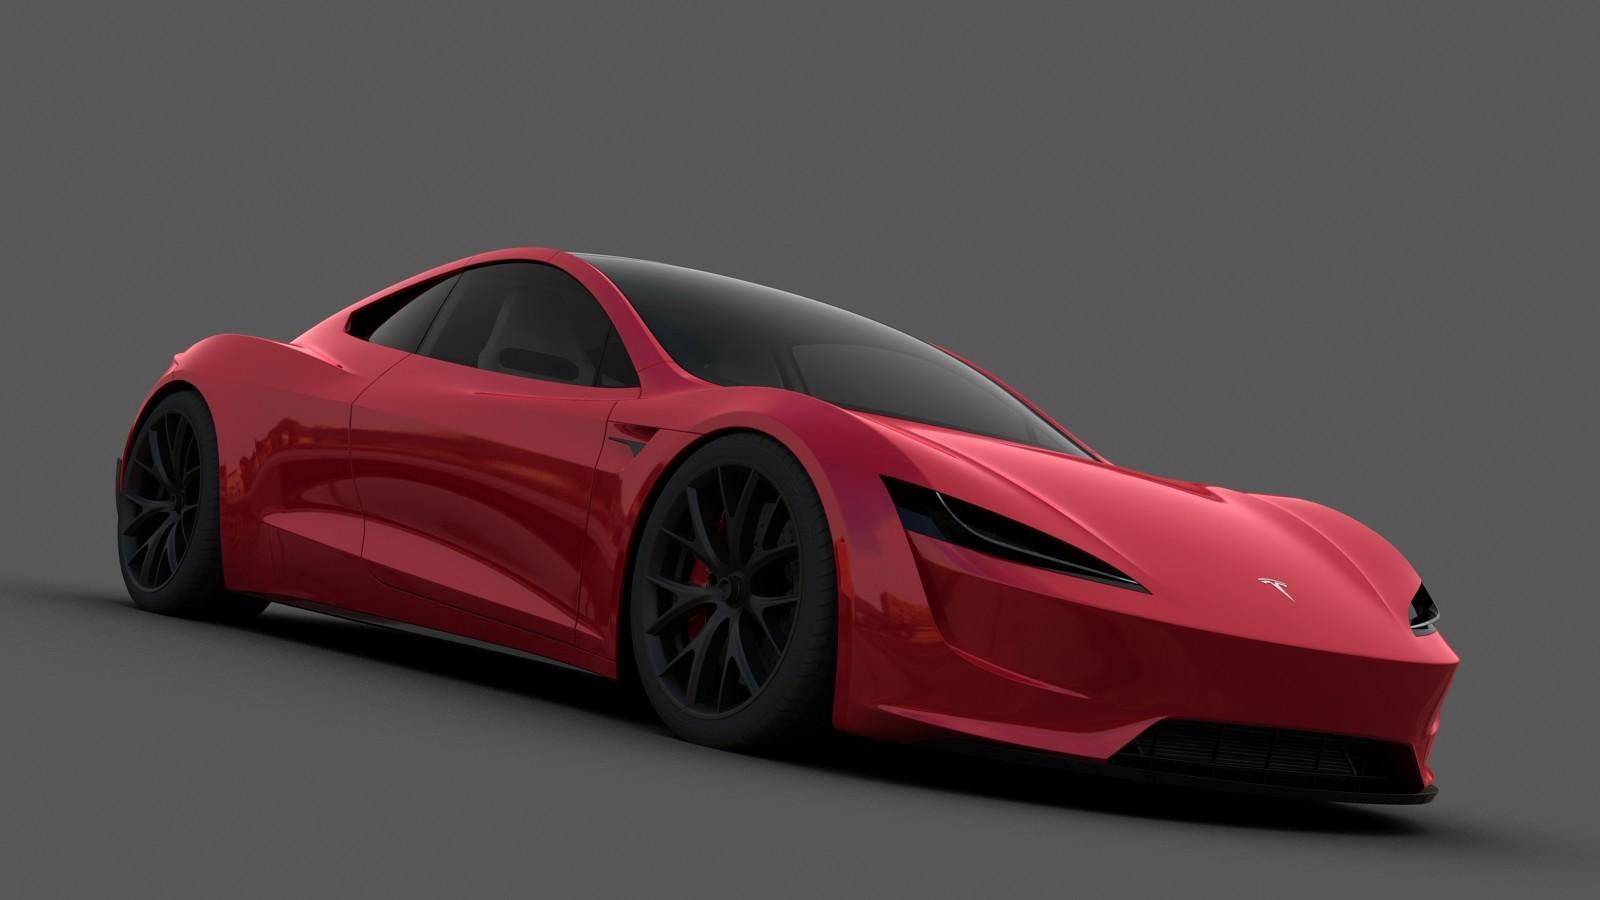 Tesla Roadster 2 0 Wallpapers Wallpaper Cave